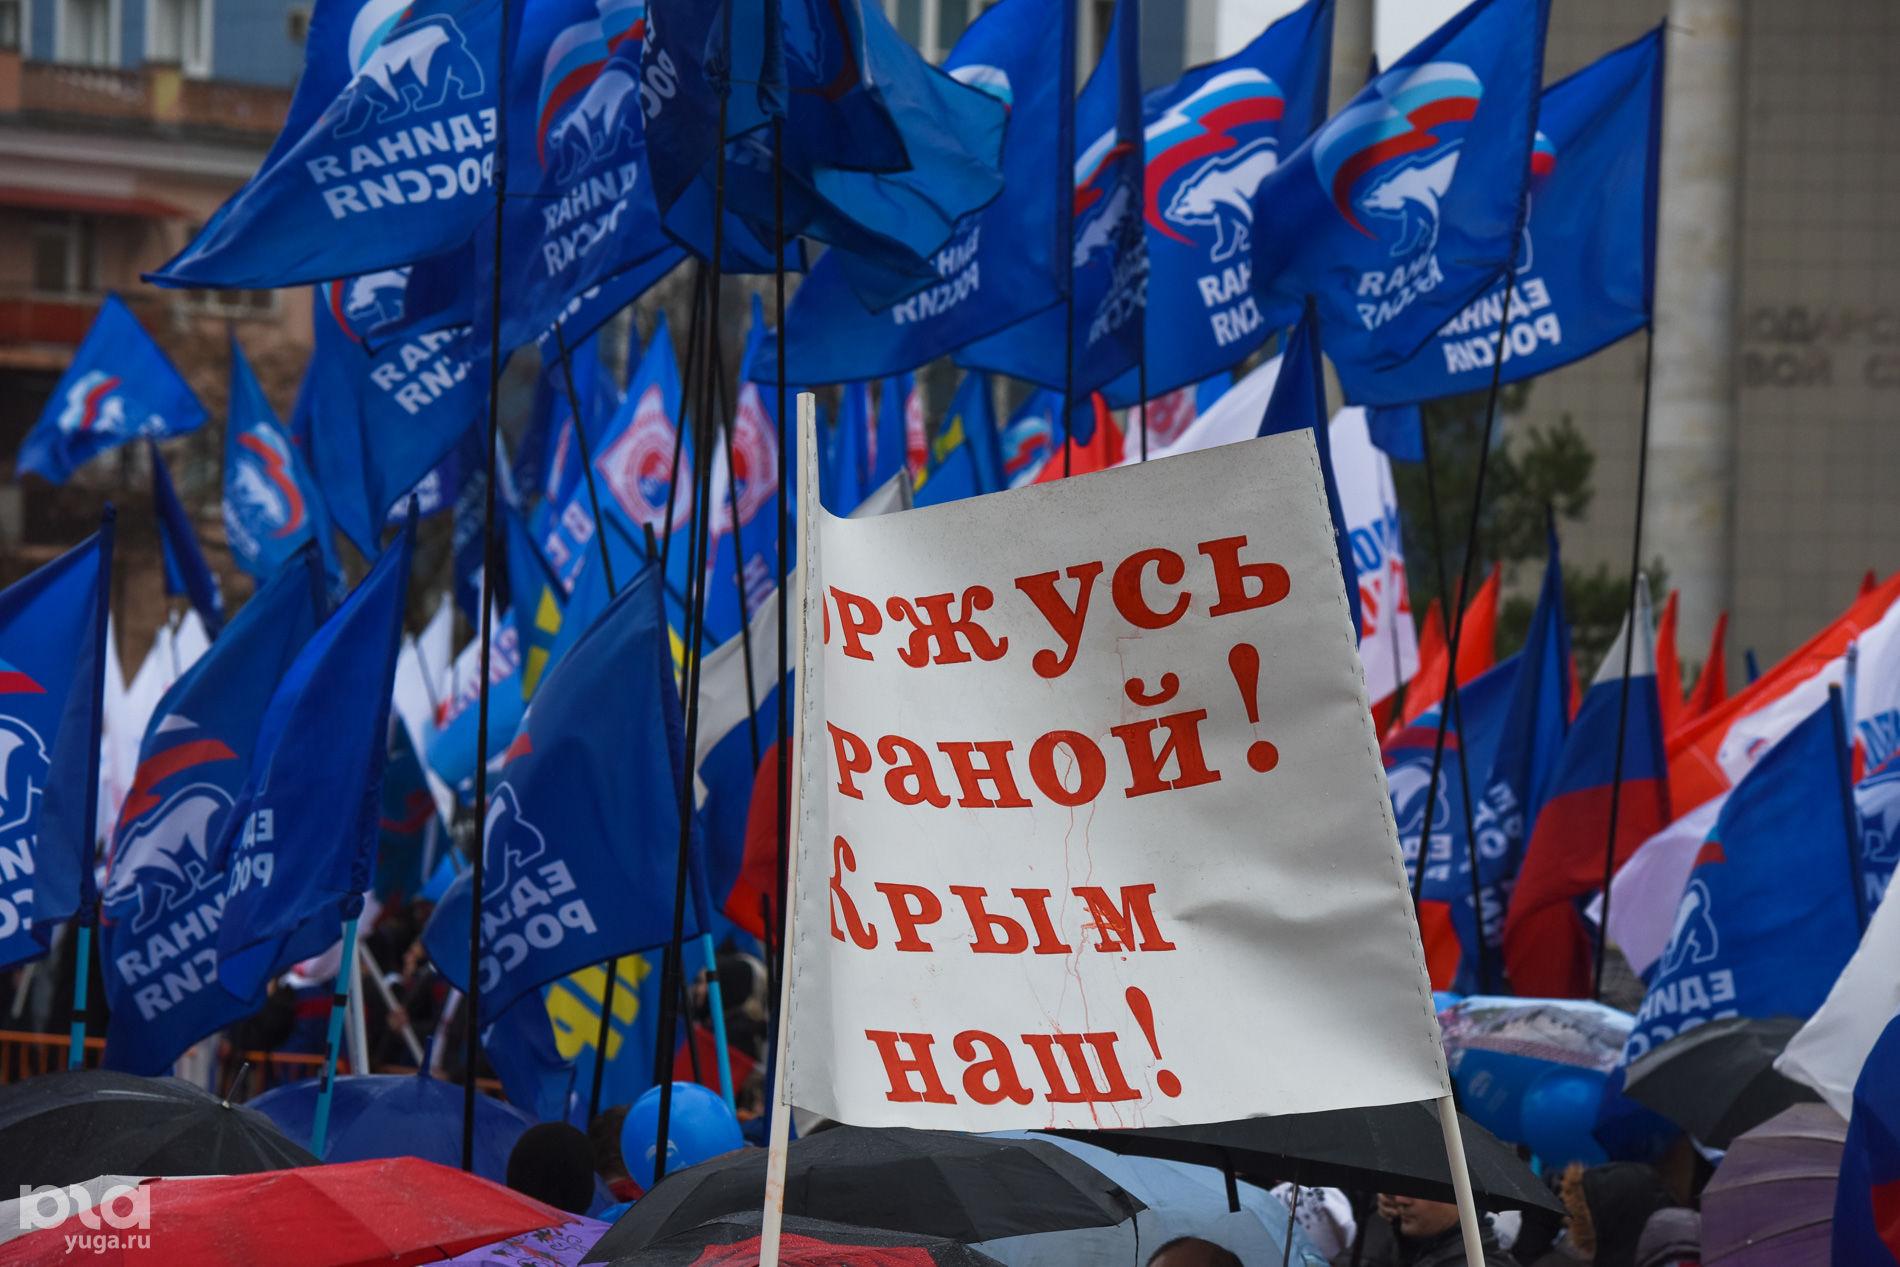 подойдут открытки к пятилетию присоединения крыма к россии днем